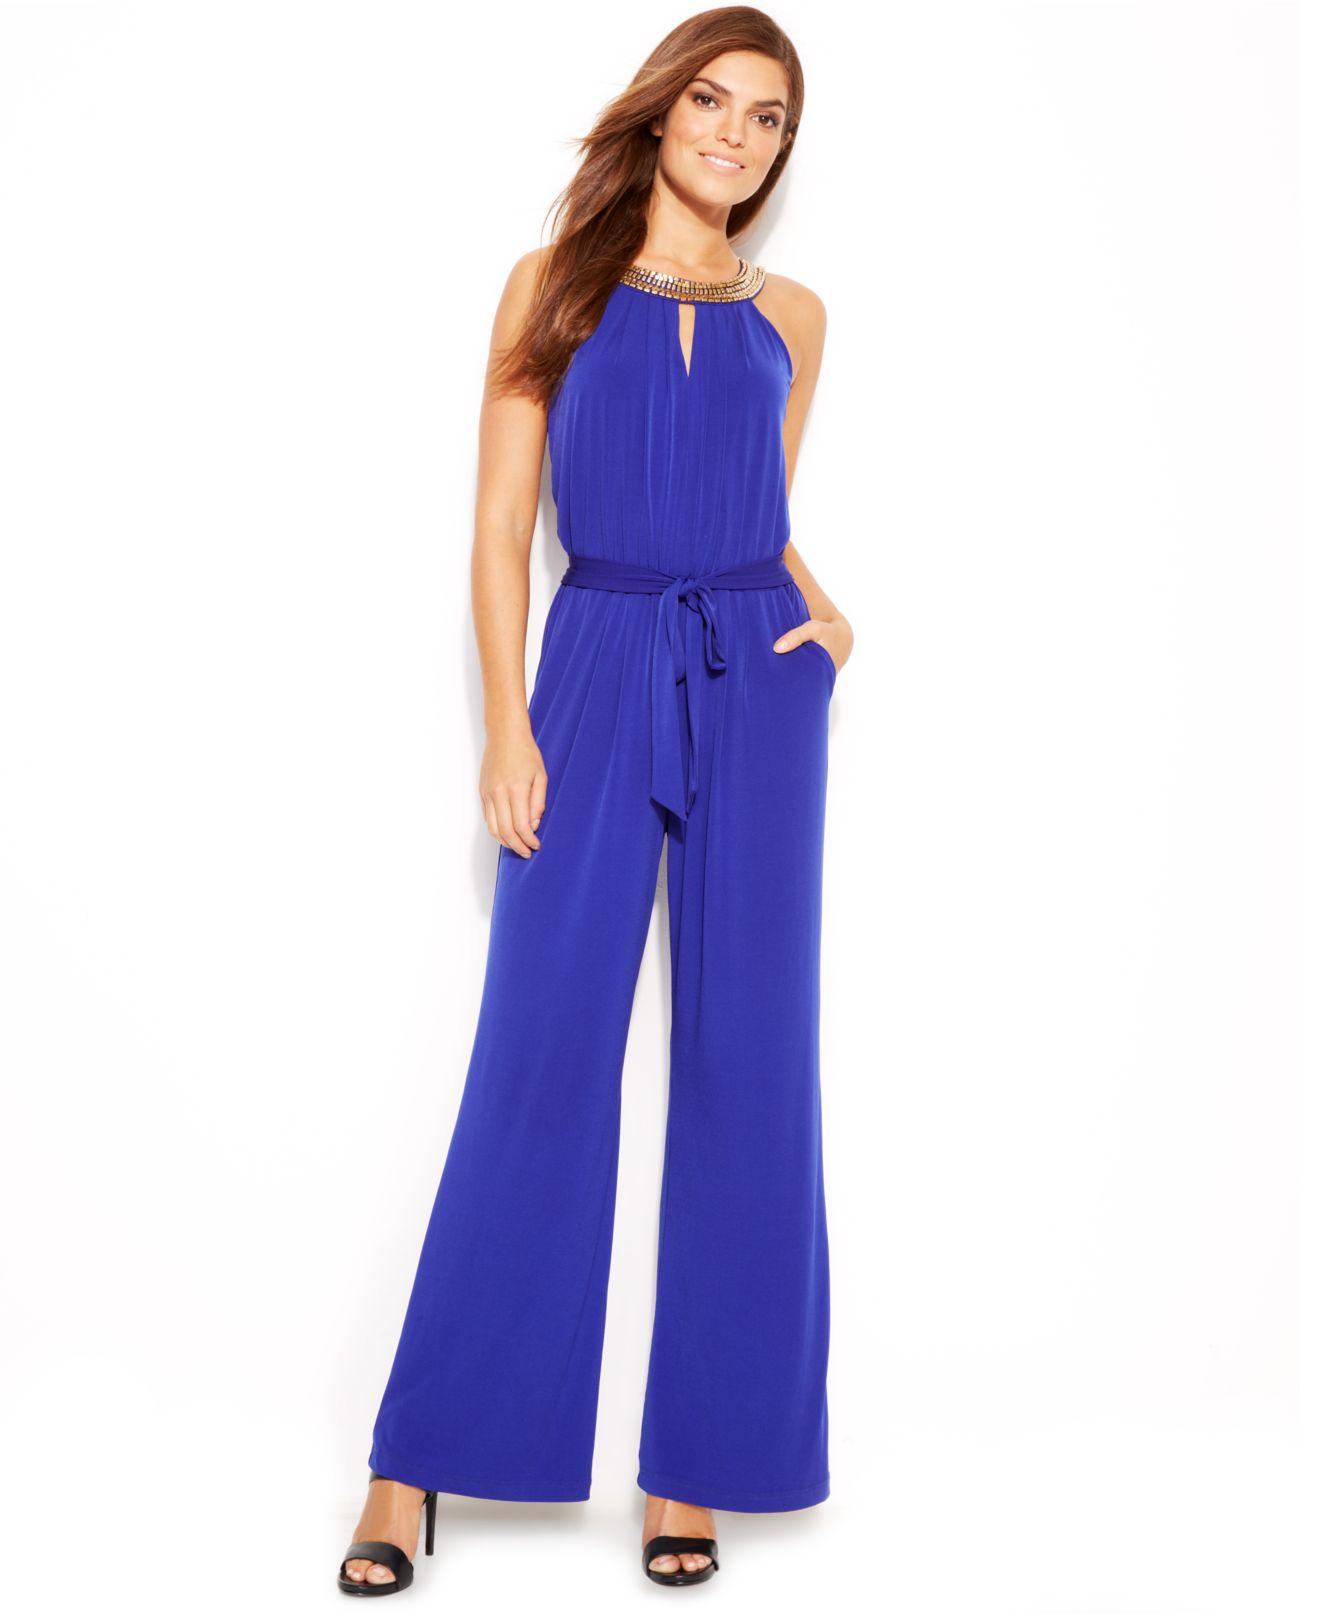 Creative Royal Blue Jumpsuit Women  Unique Red Royal Blue Jumpsuit Women Innovation U2013 Playzoa.com